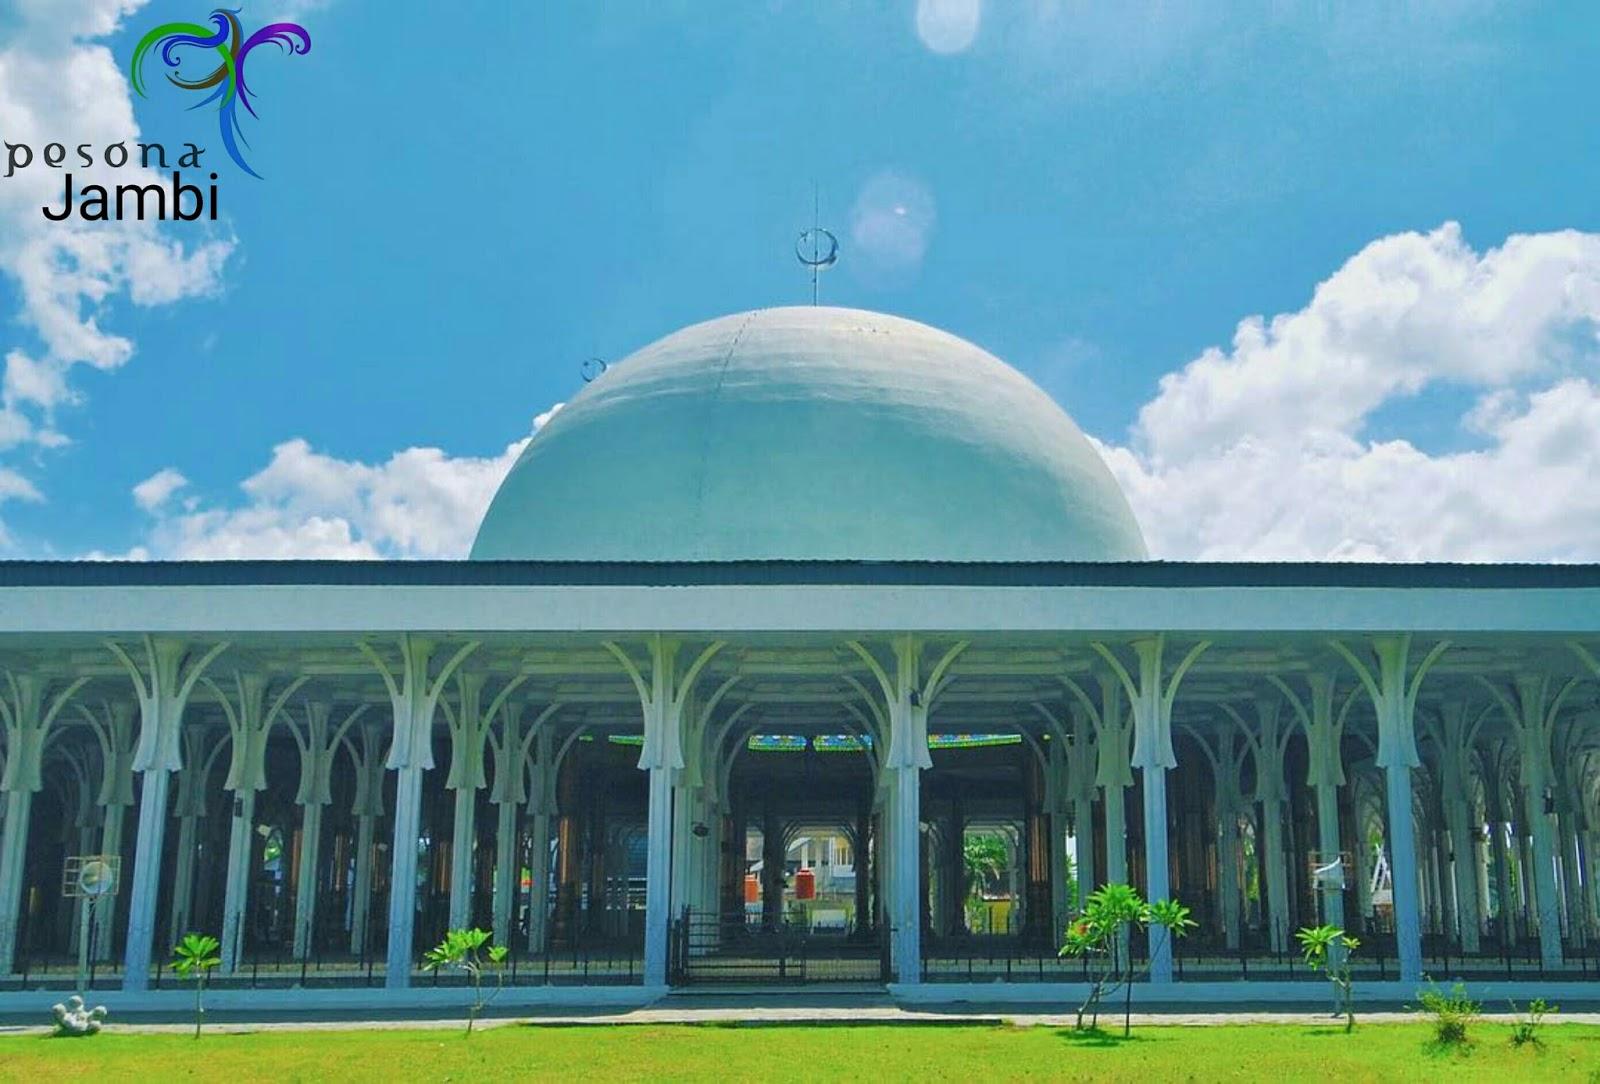 Pesona Jambi Mesjid Agung 1000 Tiang Al Falah Masjid Kota